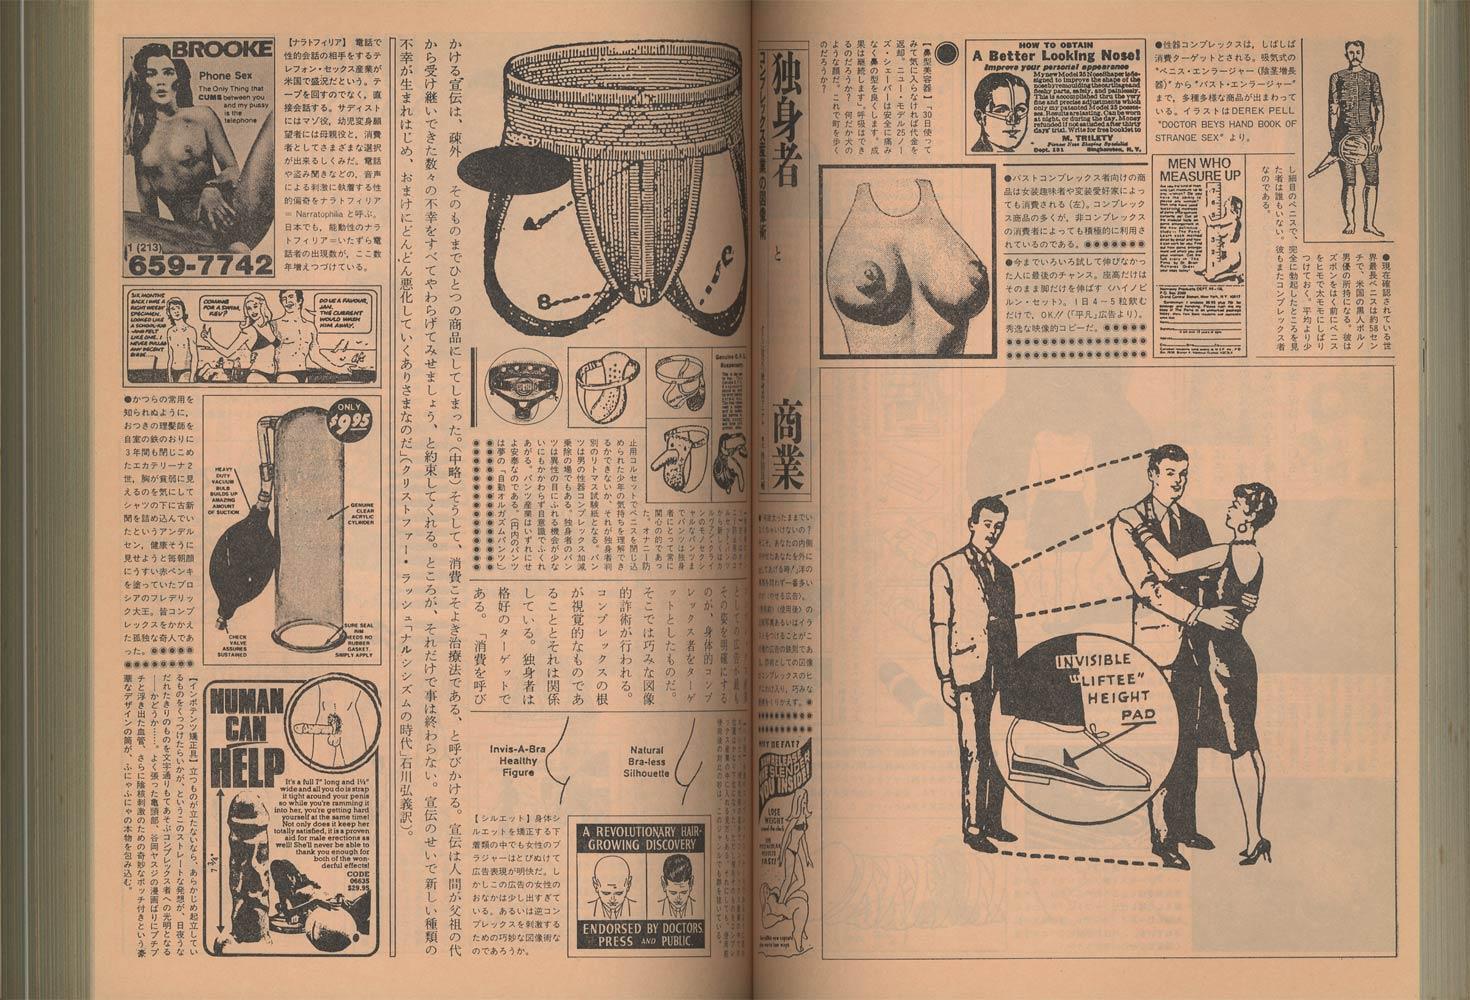 季刊GS la gaya scieza たのしい知識 / Vol.2 Nov 1984[image4]